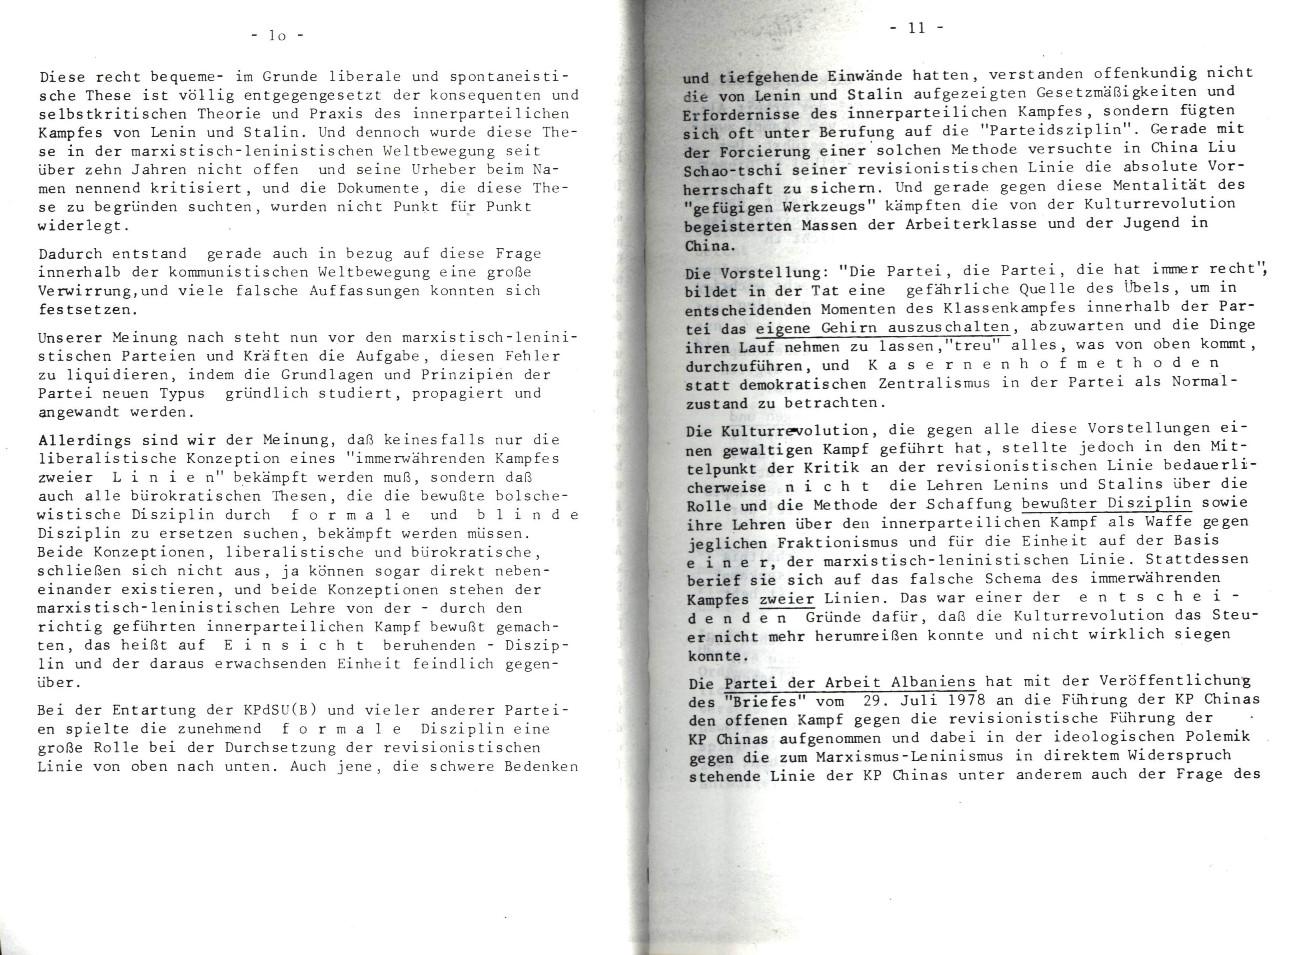 MLSK_Theorie_und_Praxis_des_ML_1979_25_06